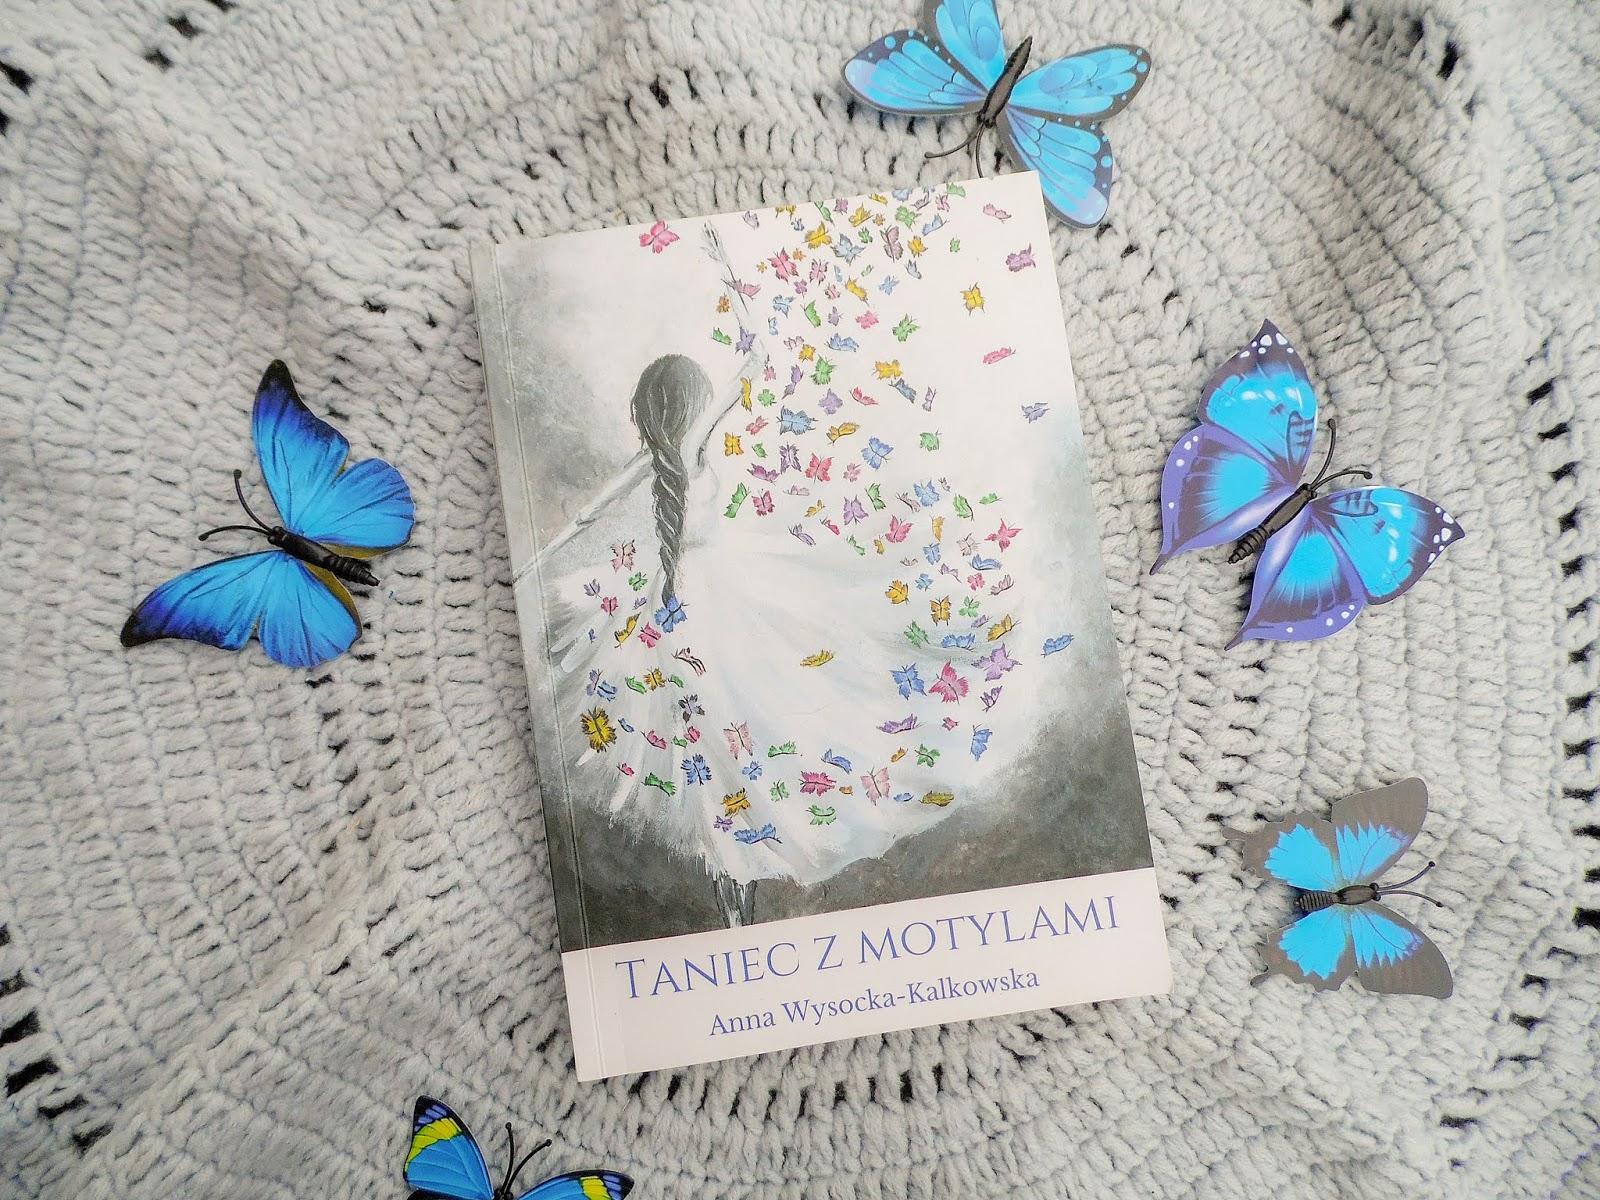 """Łapiąc chwile ulotne jak...""""Taniec z motylami"""" Anna Wysocka-Kalkowska. Recenzja."""